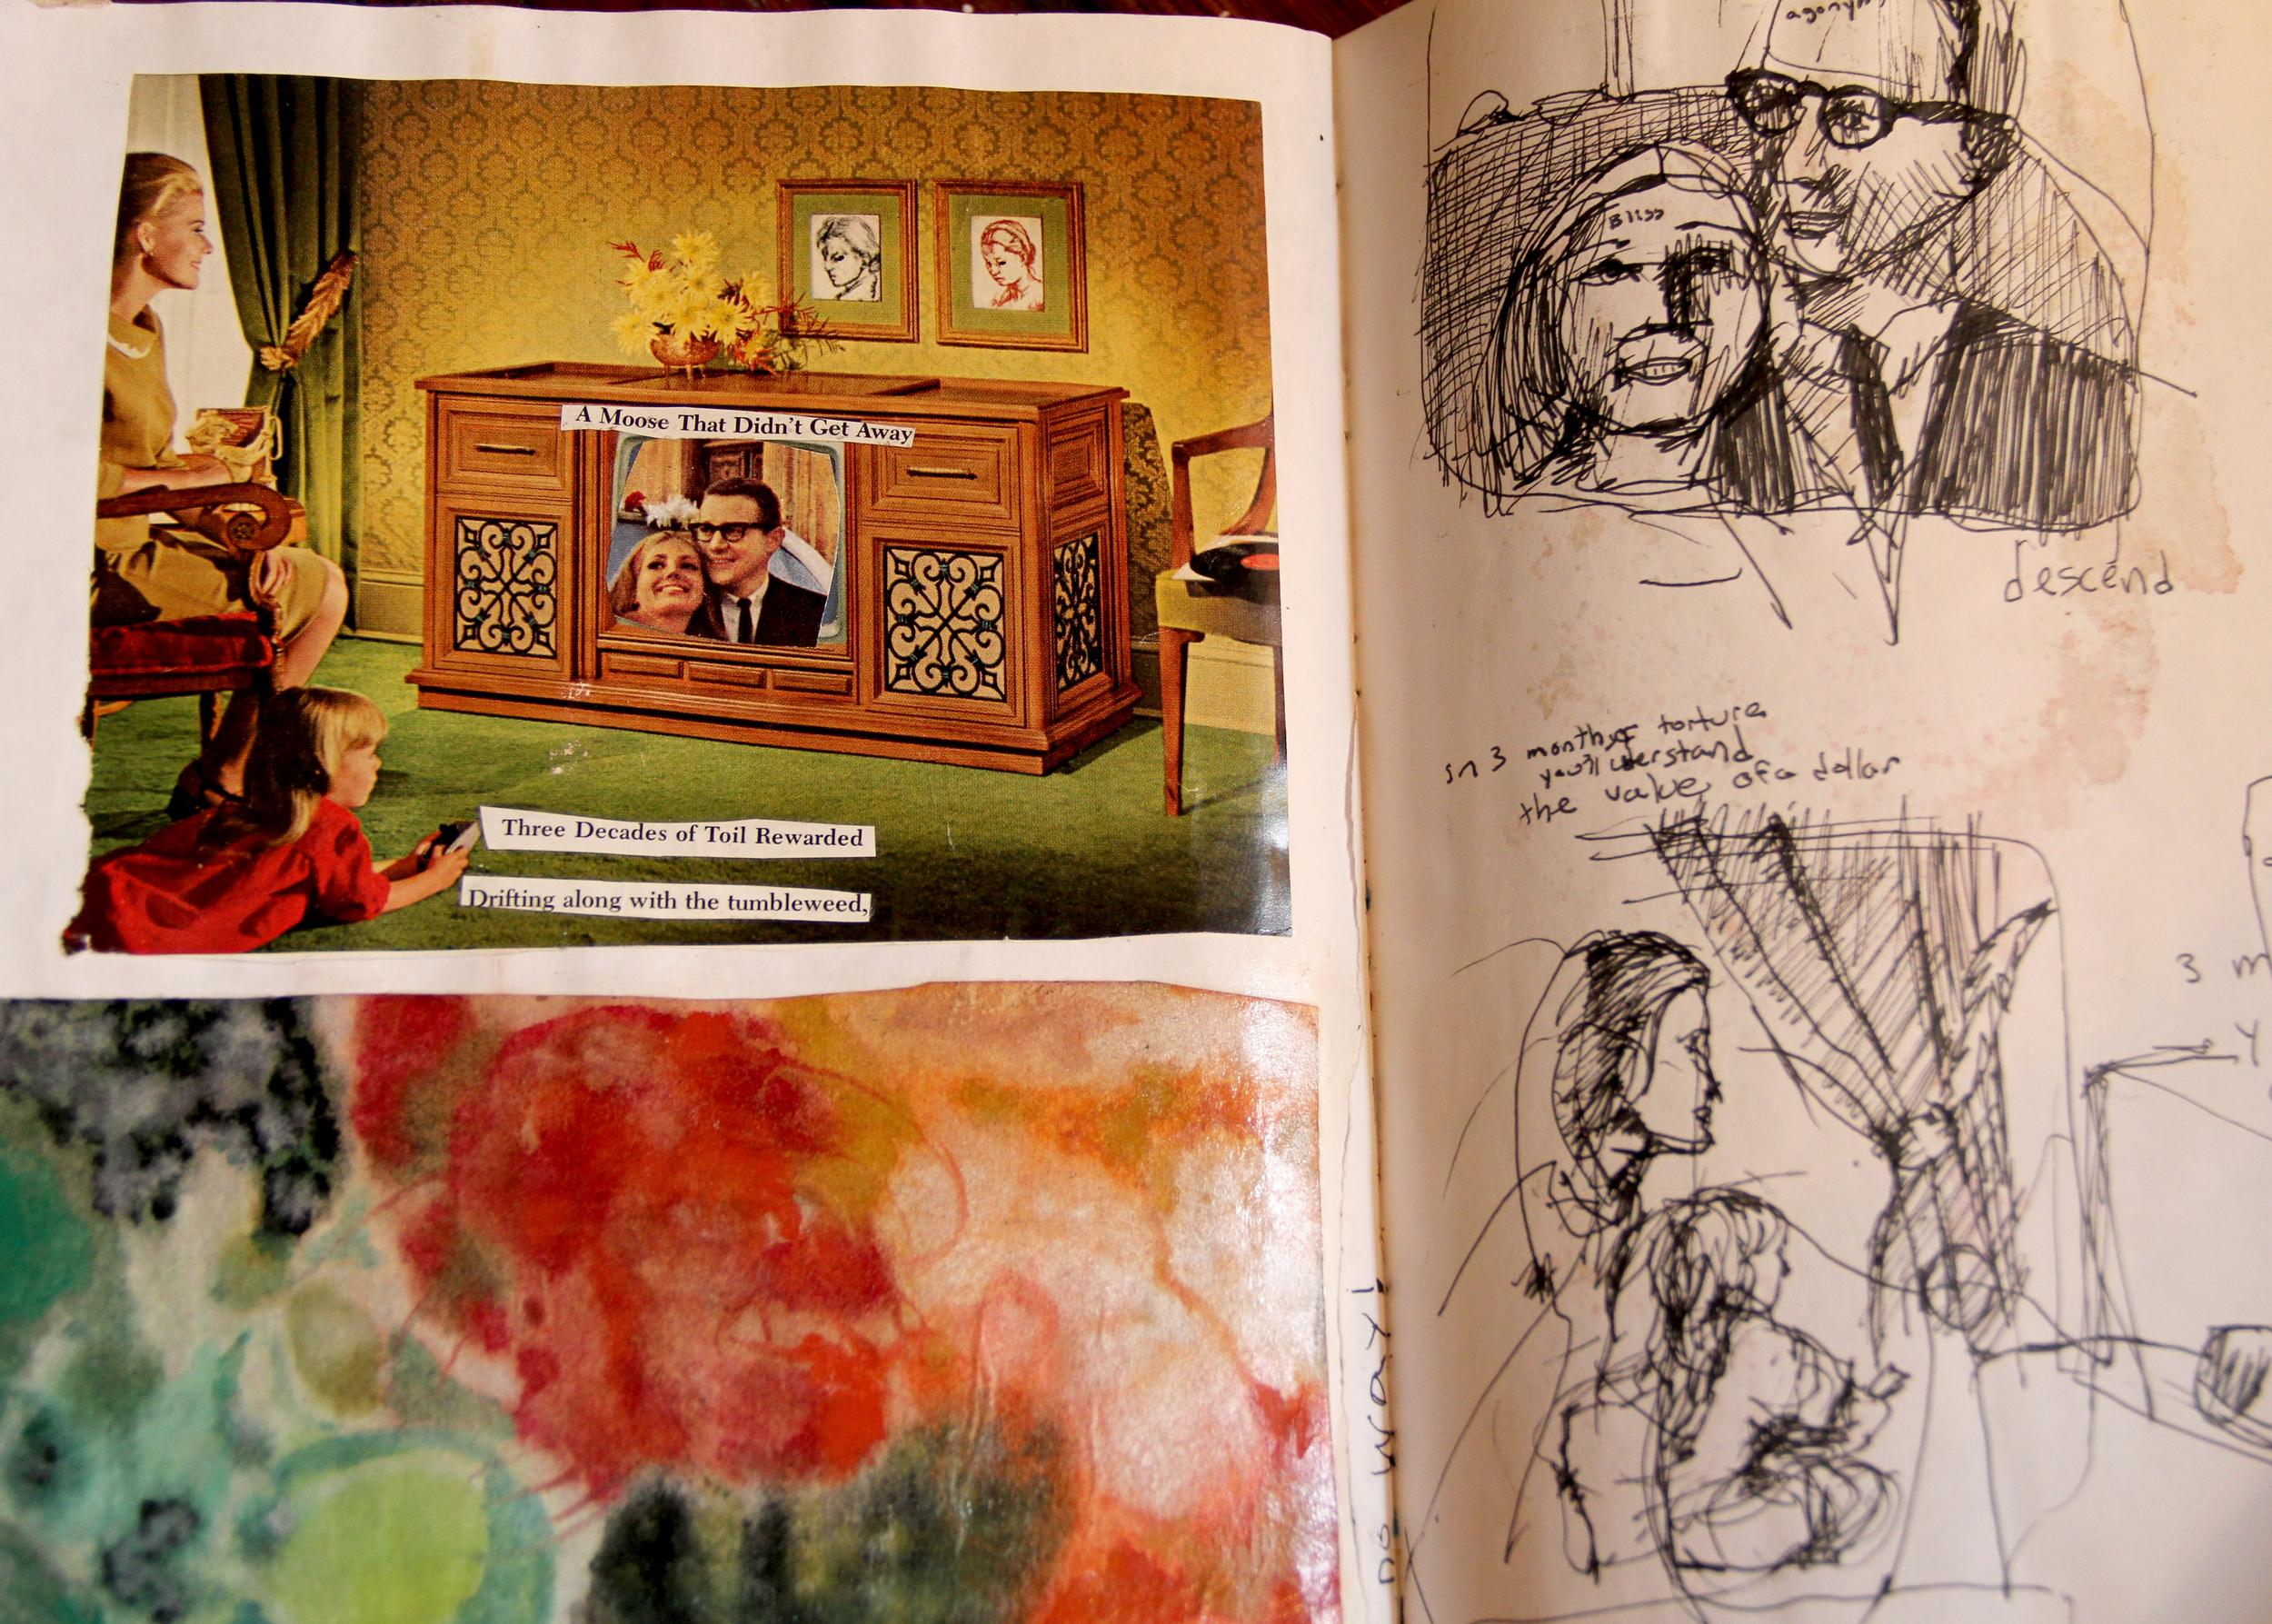 Savannah Sketchbook, 2000